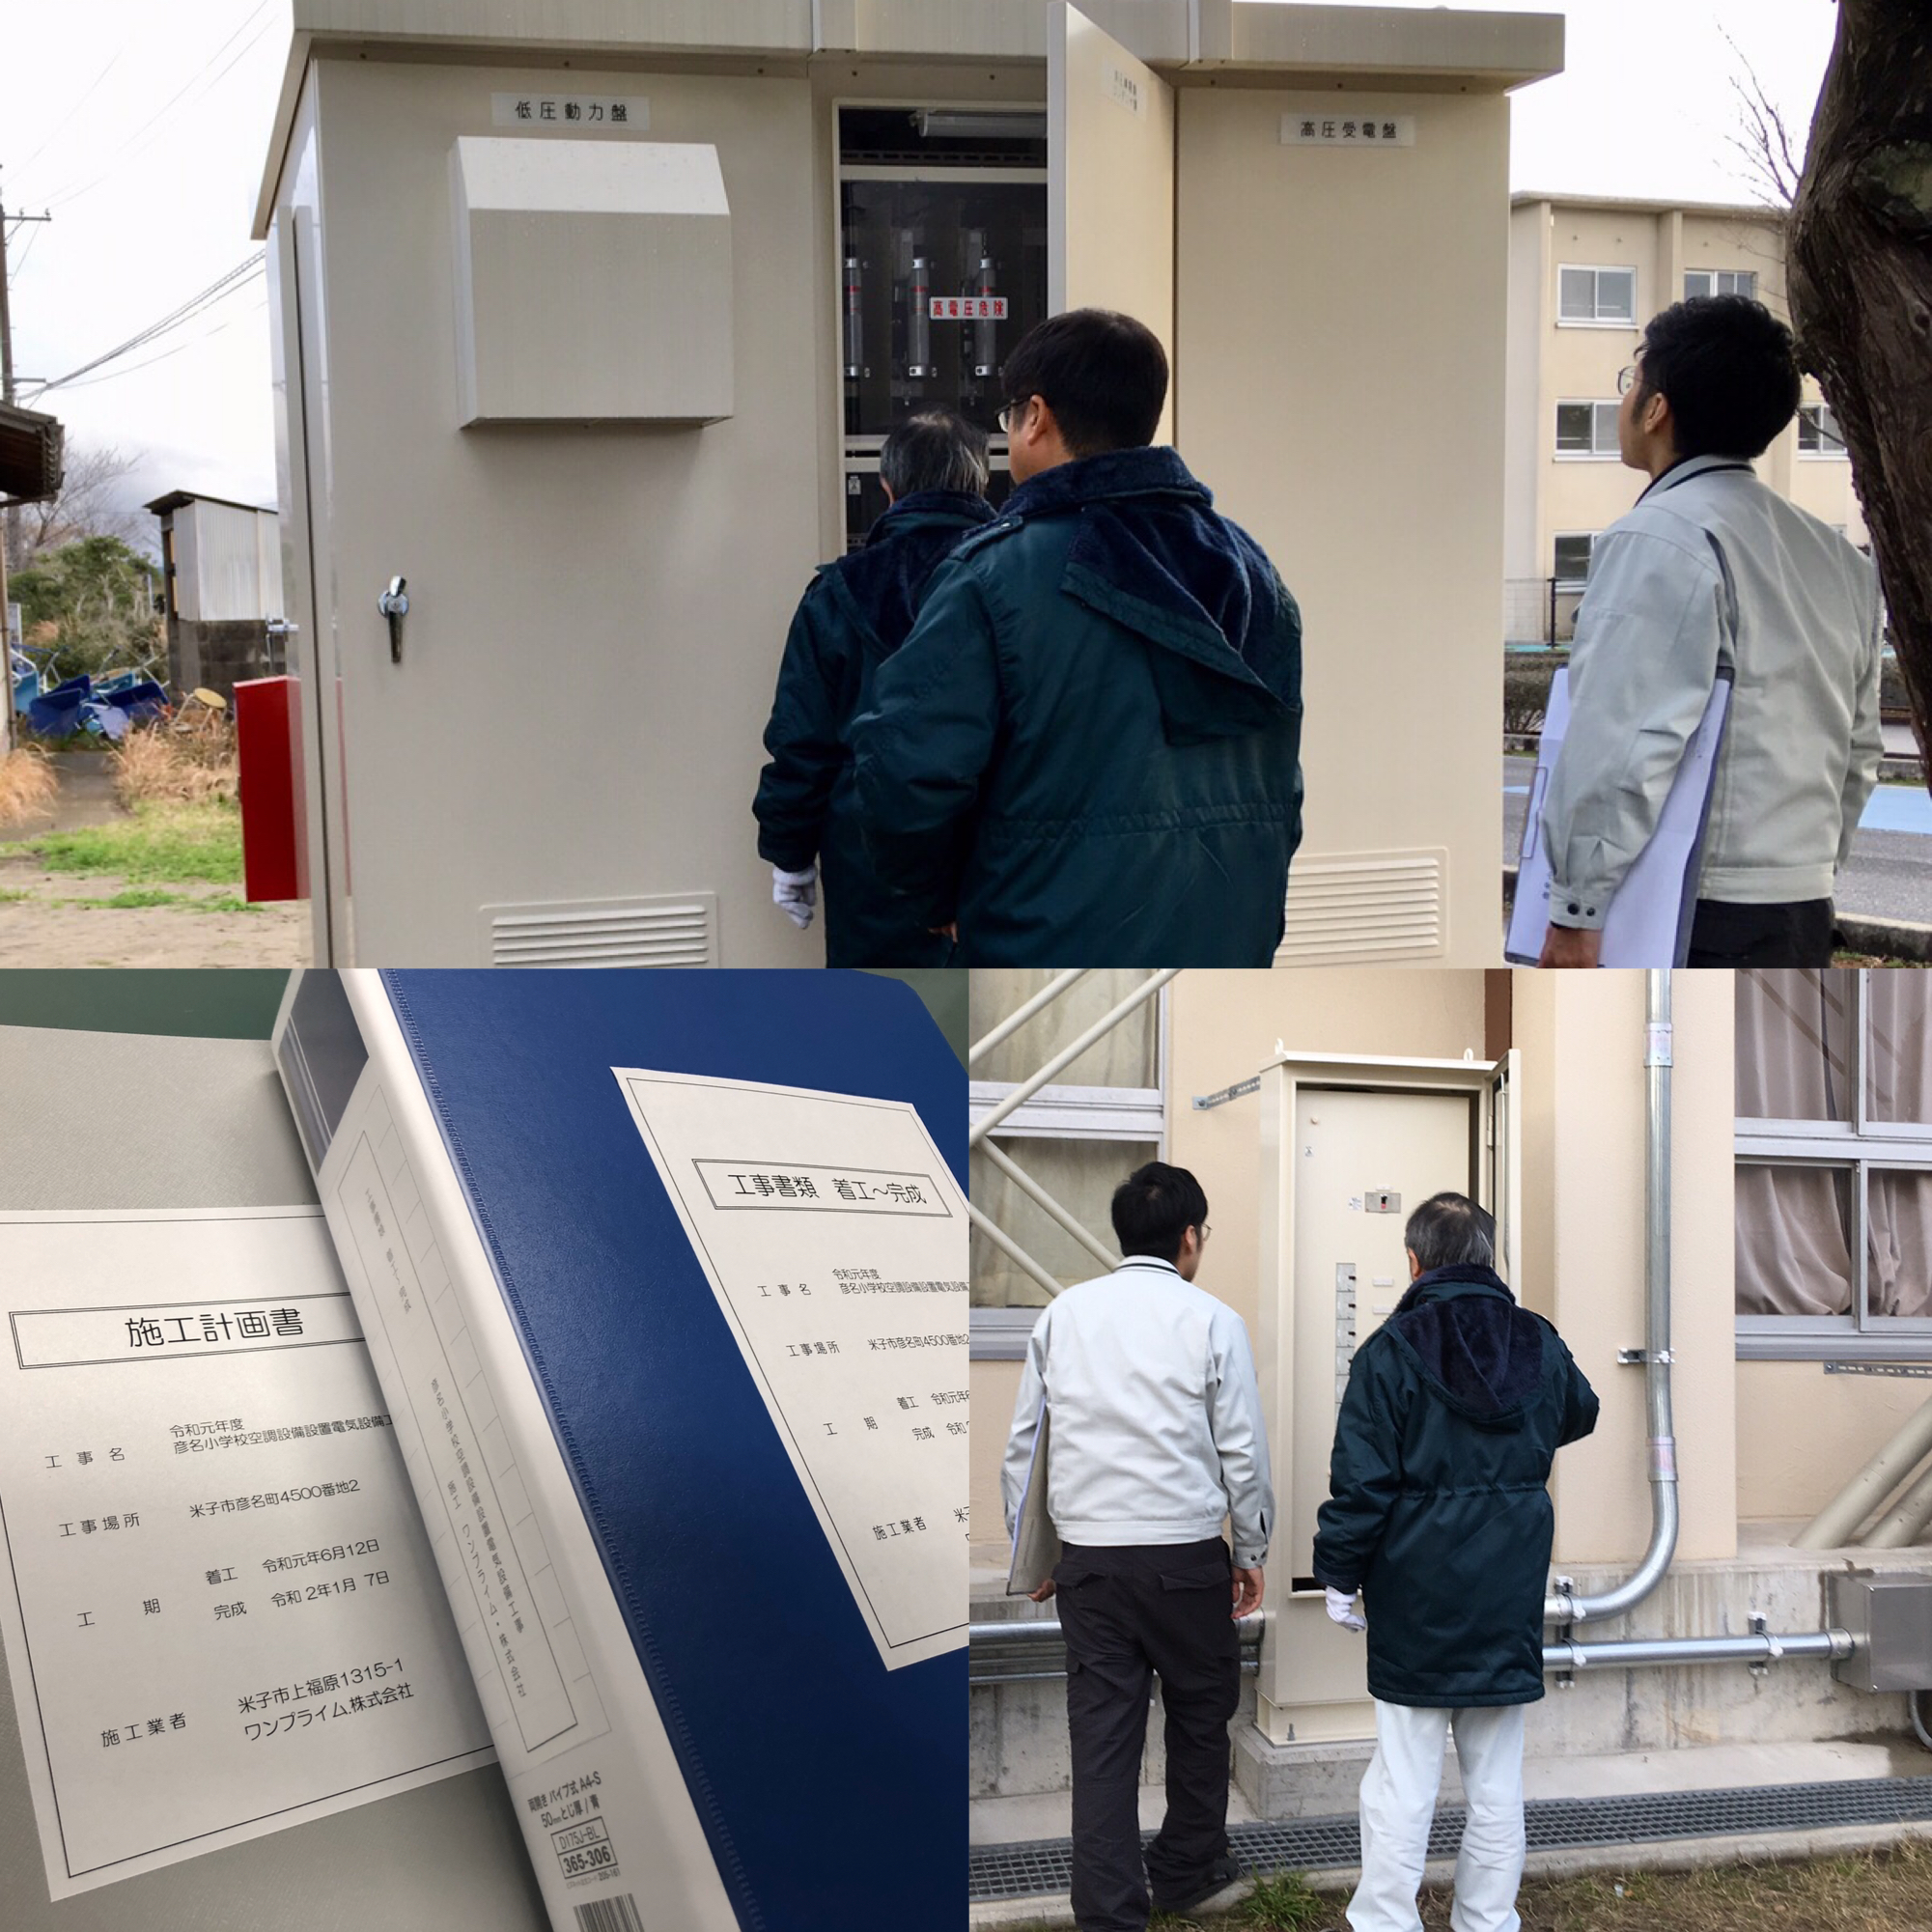 工事件名 彦名小学校空調設備設置電気設備工事 完成検査